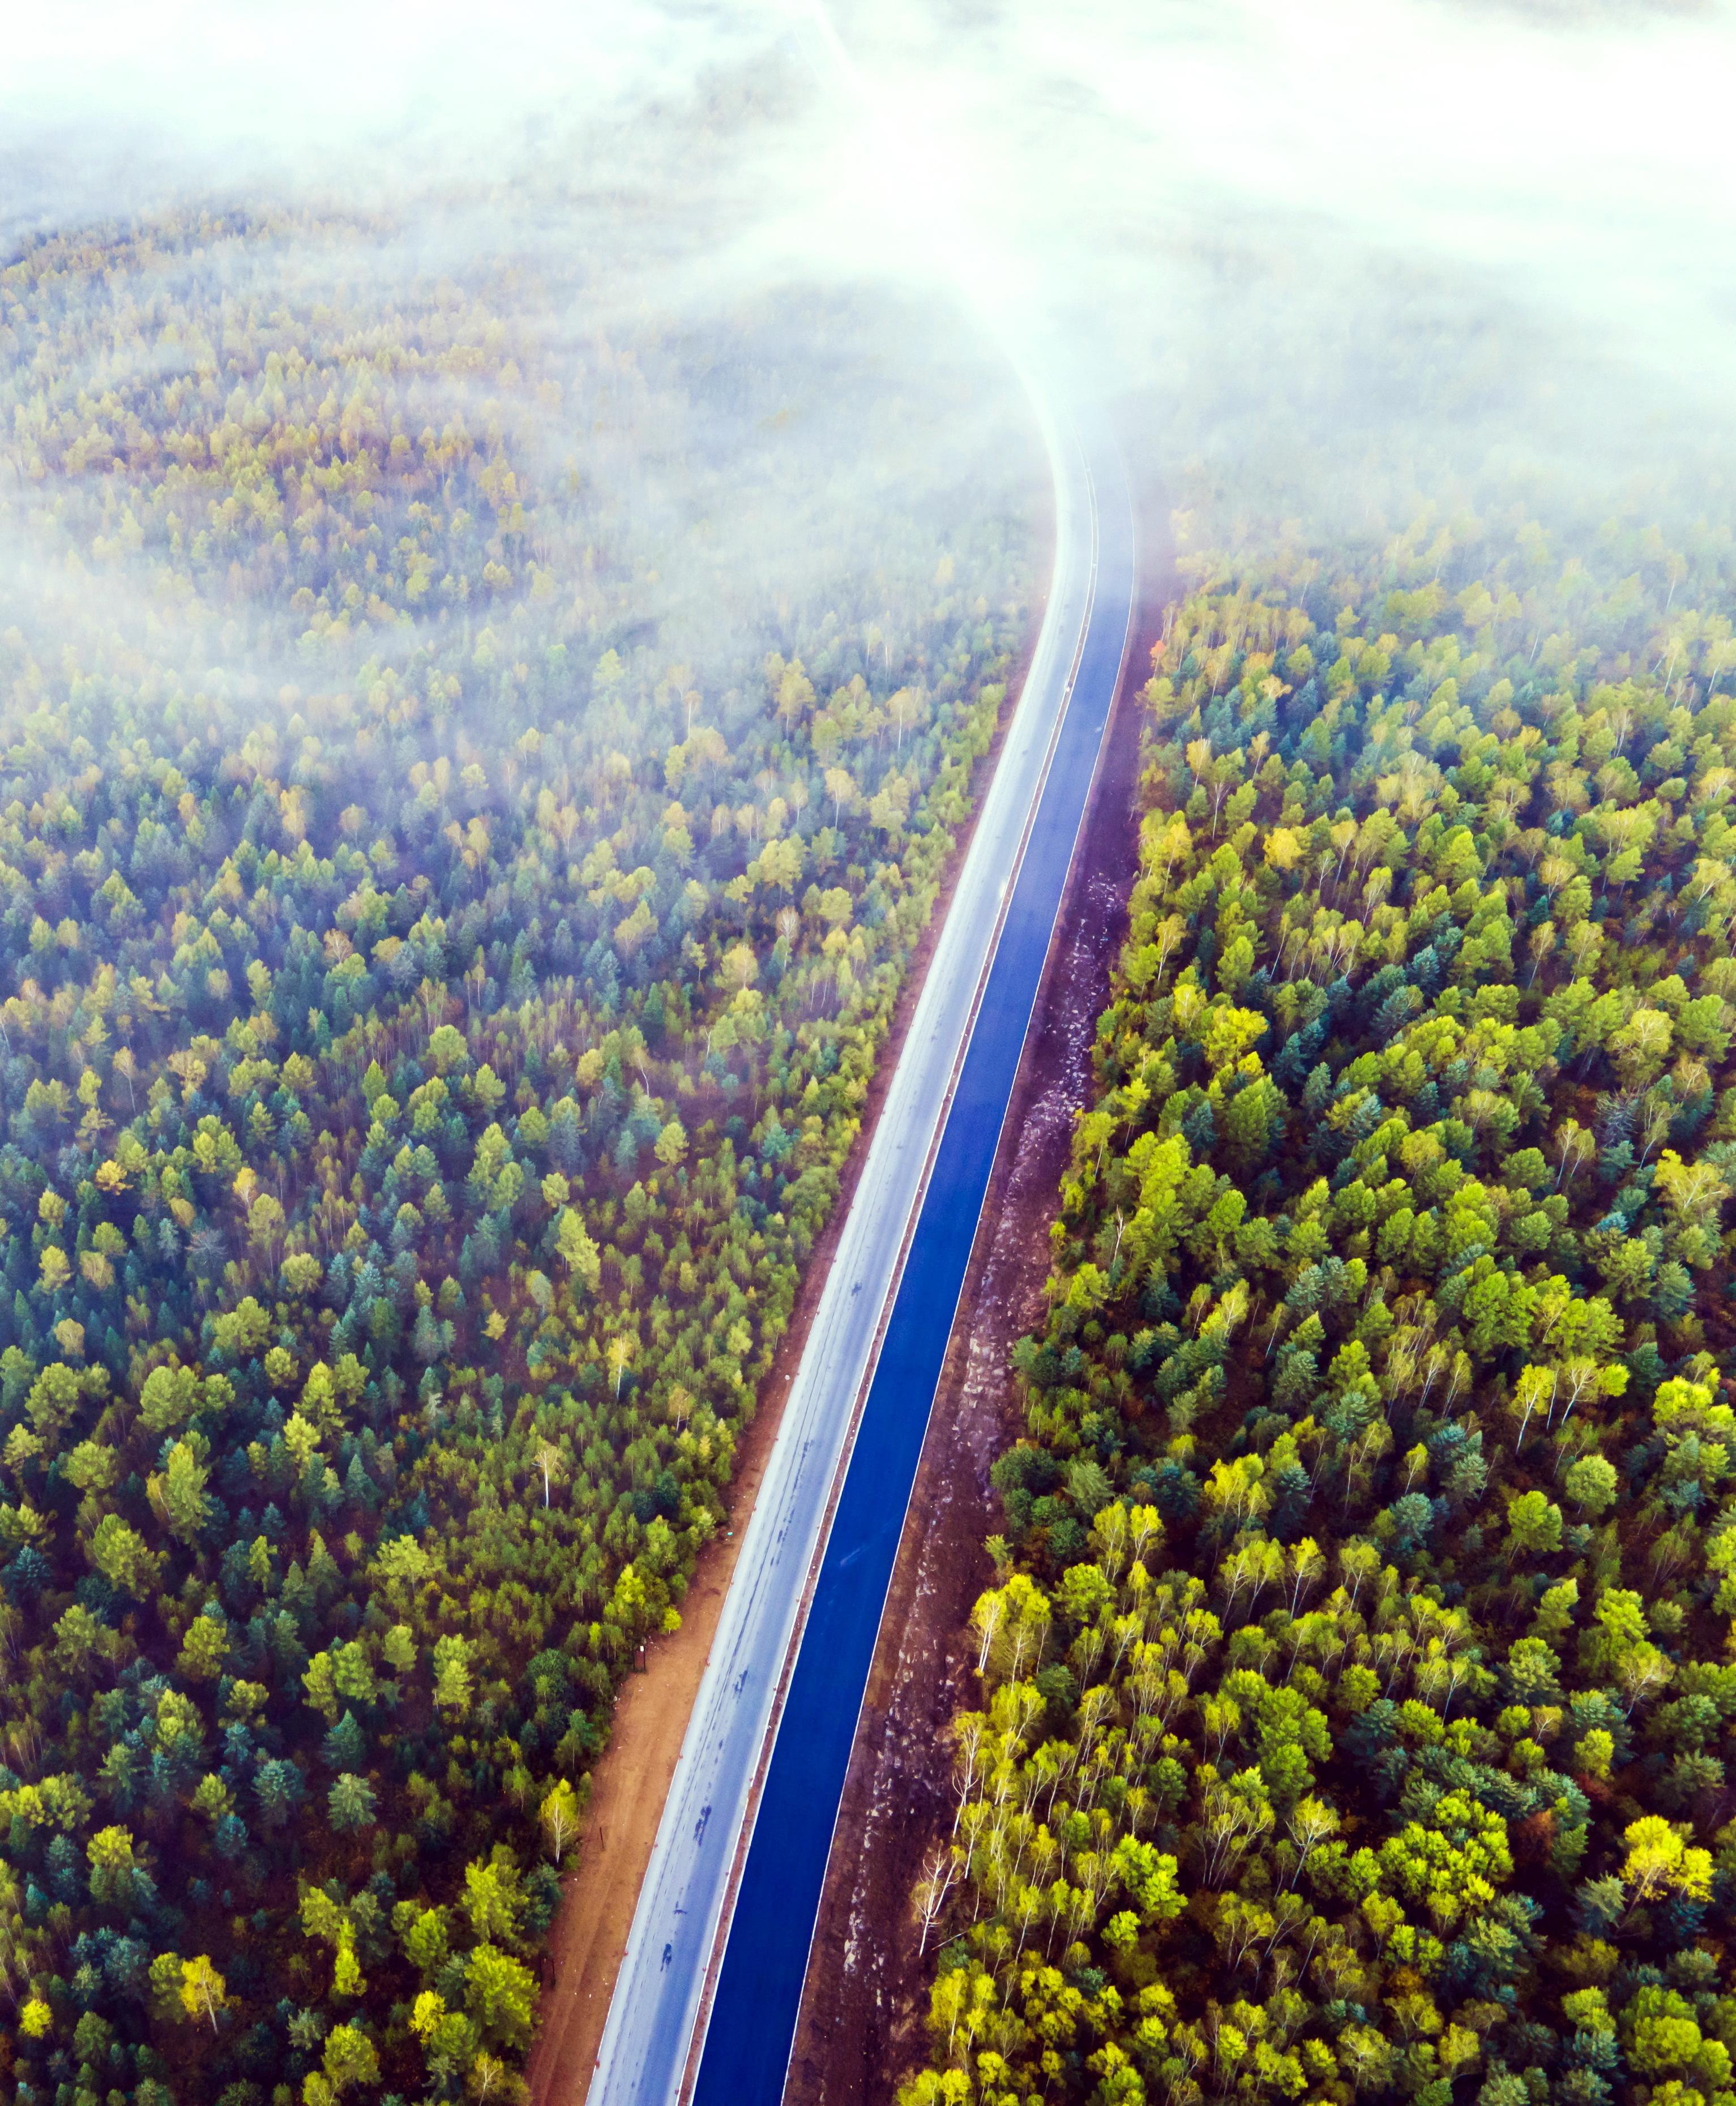 晨雾中的玉带-在建的嘉伊公路